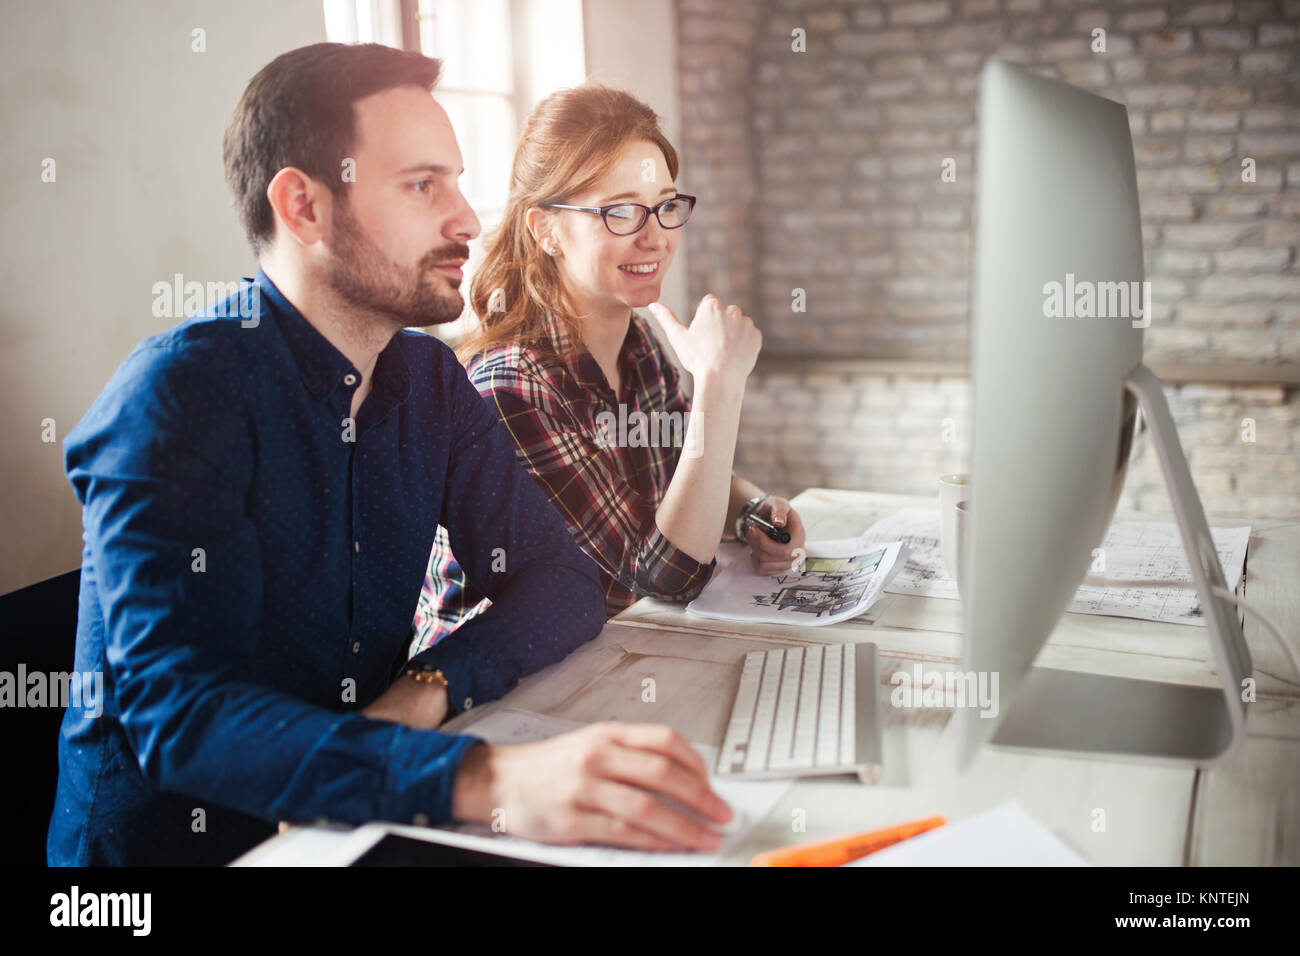 Los programadores que trabajan en una empresa de desarrollo de software office Imagen De Stock